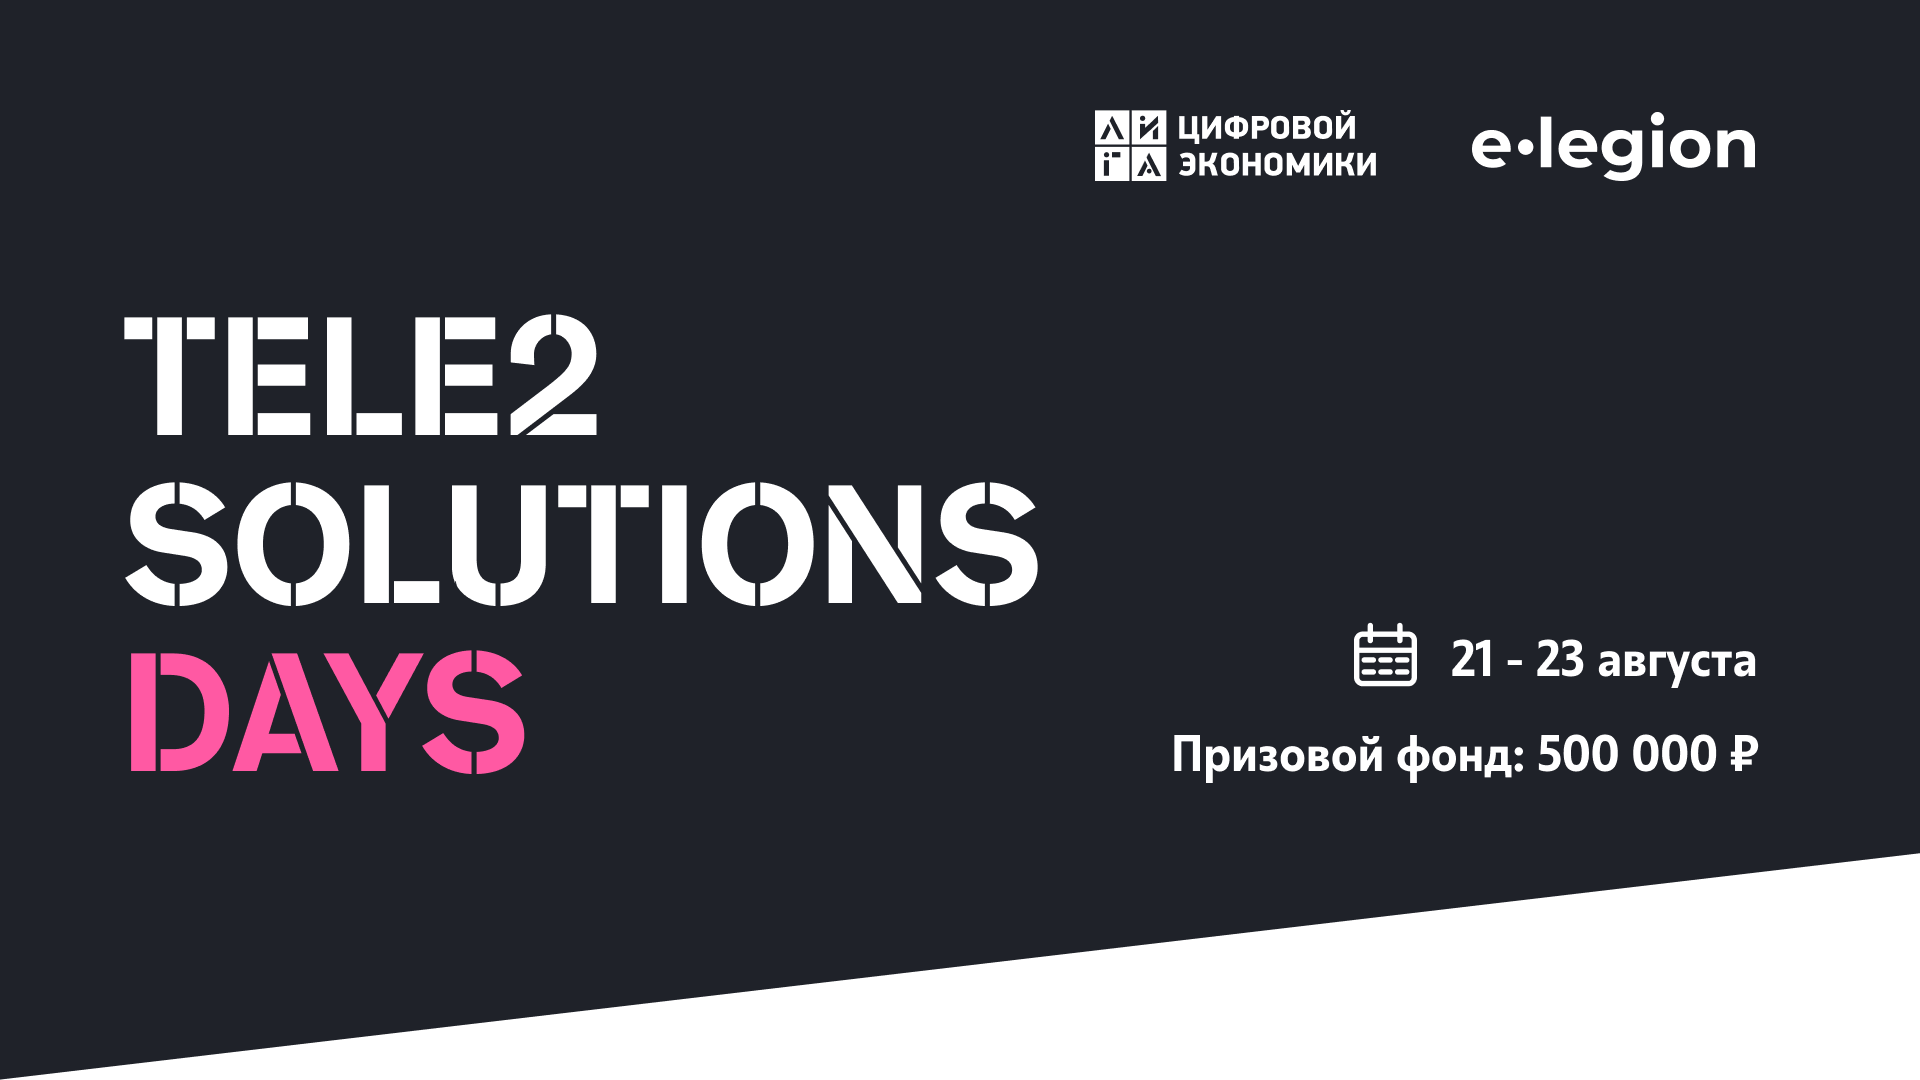 Online Hackathon Tele2 Solutions Days